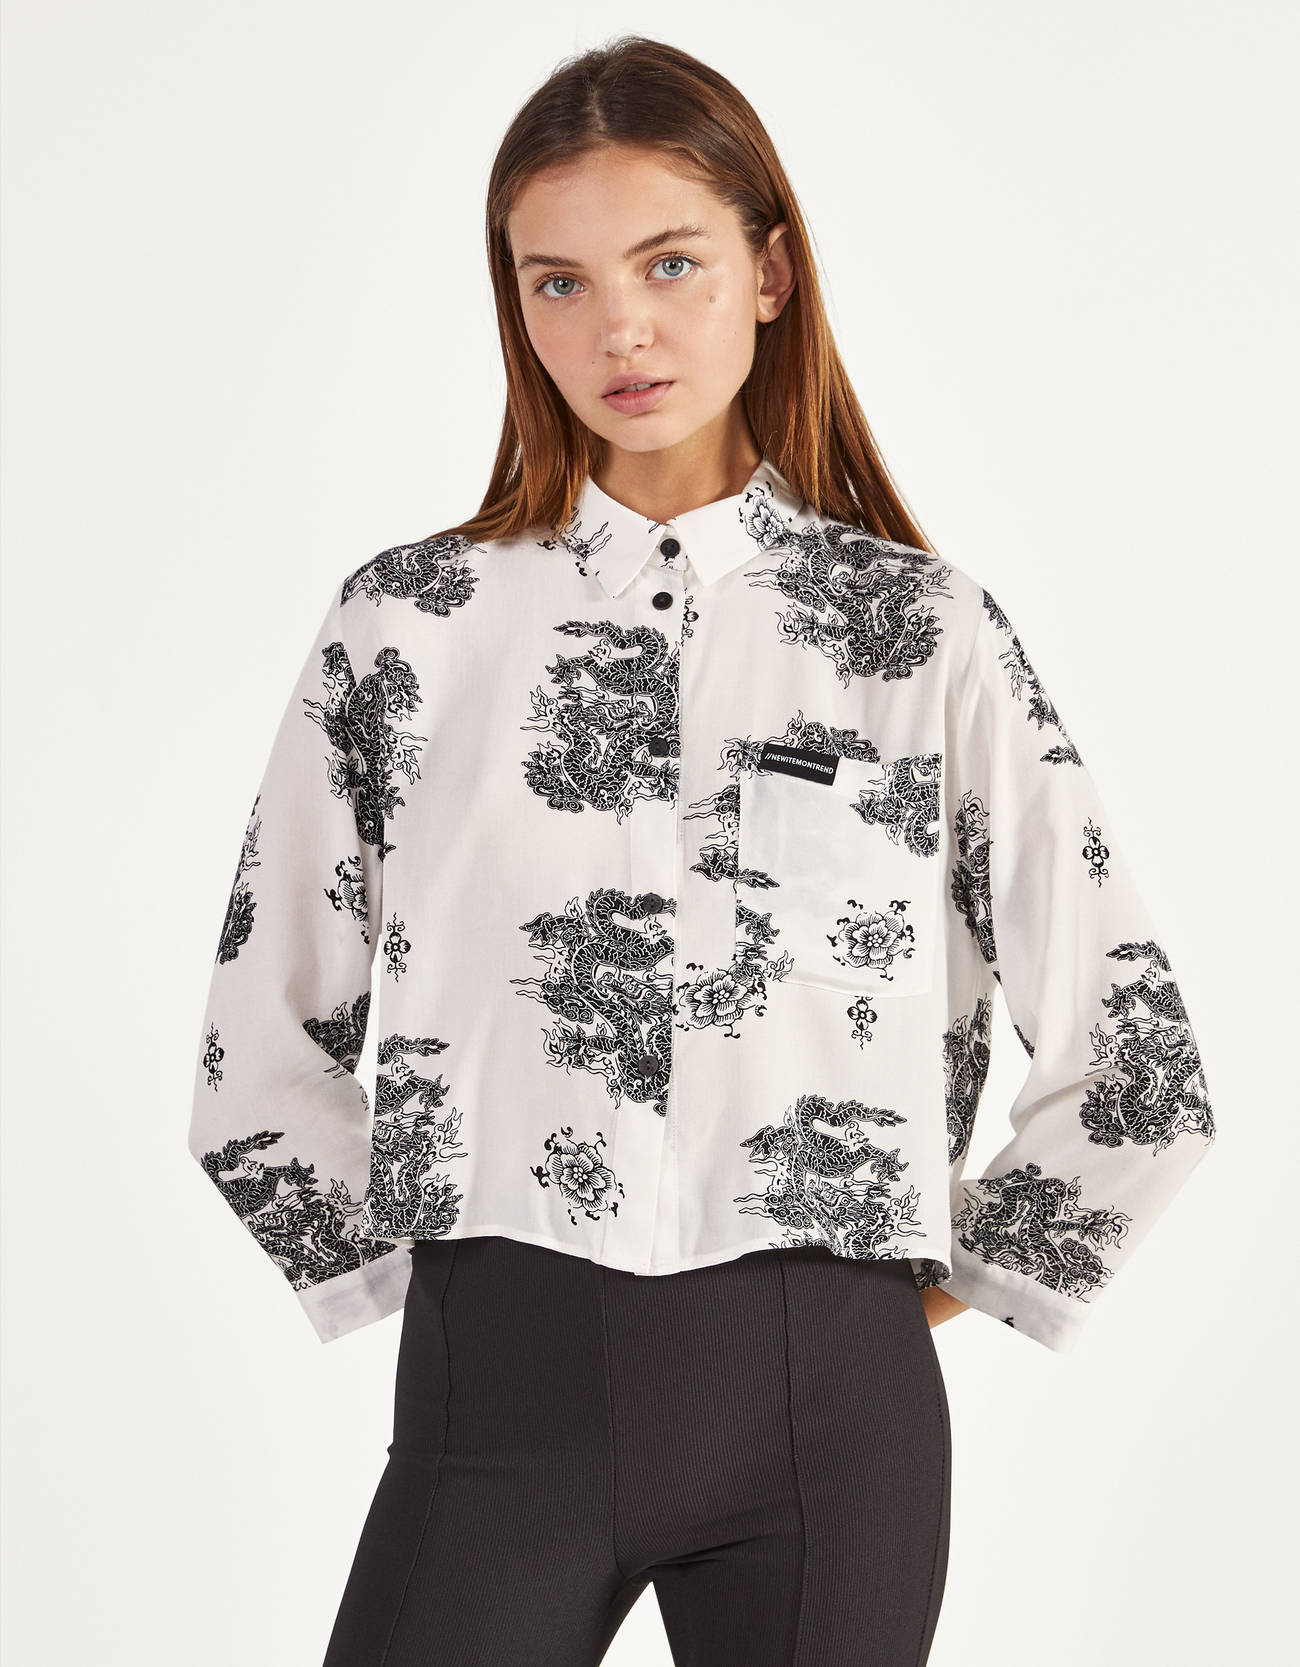 Camisa cropped con estampado de dragones chinos